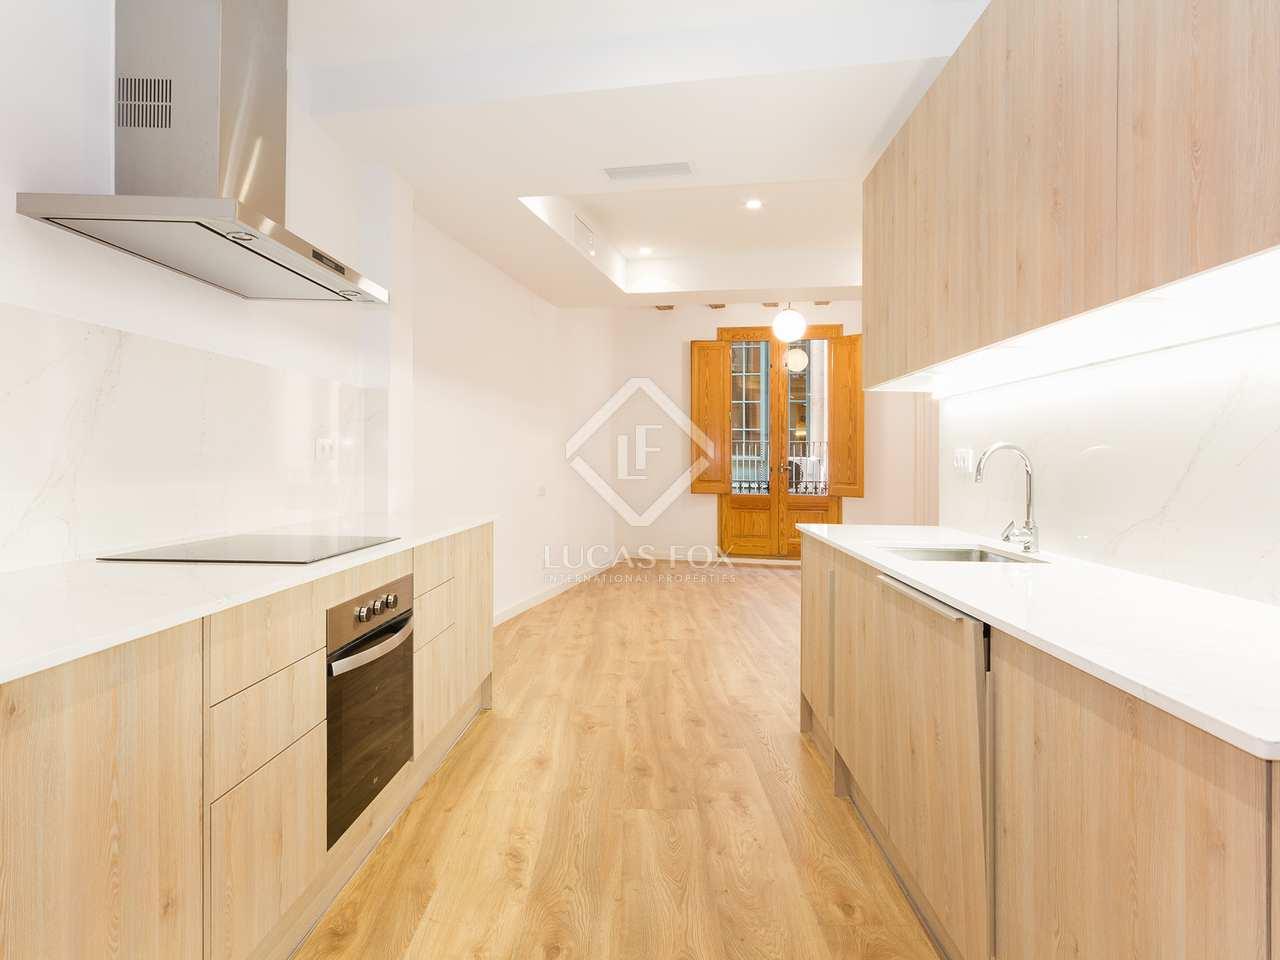 Apartamento de 87m en venta en el casco antiguo de barcelona - Casco antiguo de barcelona ...